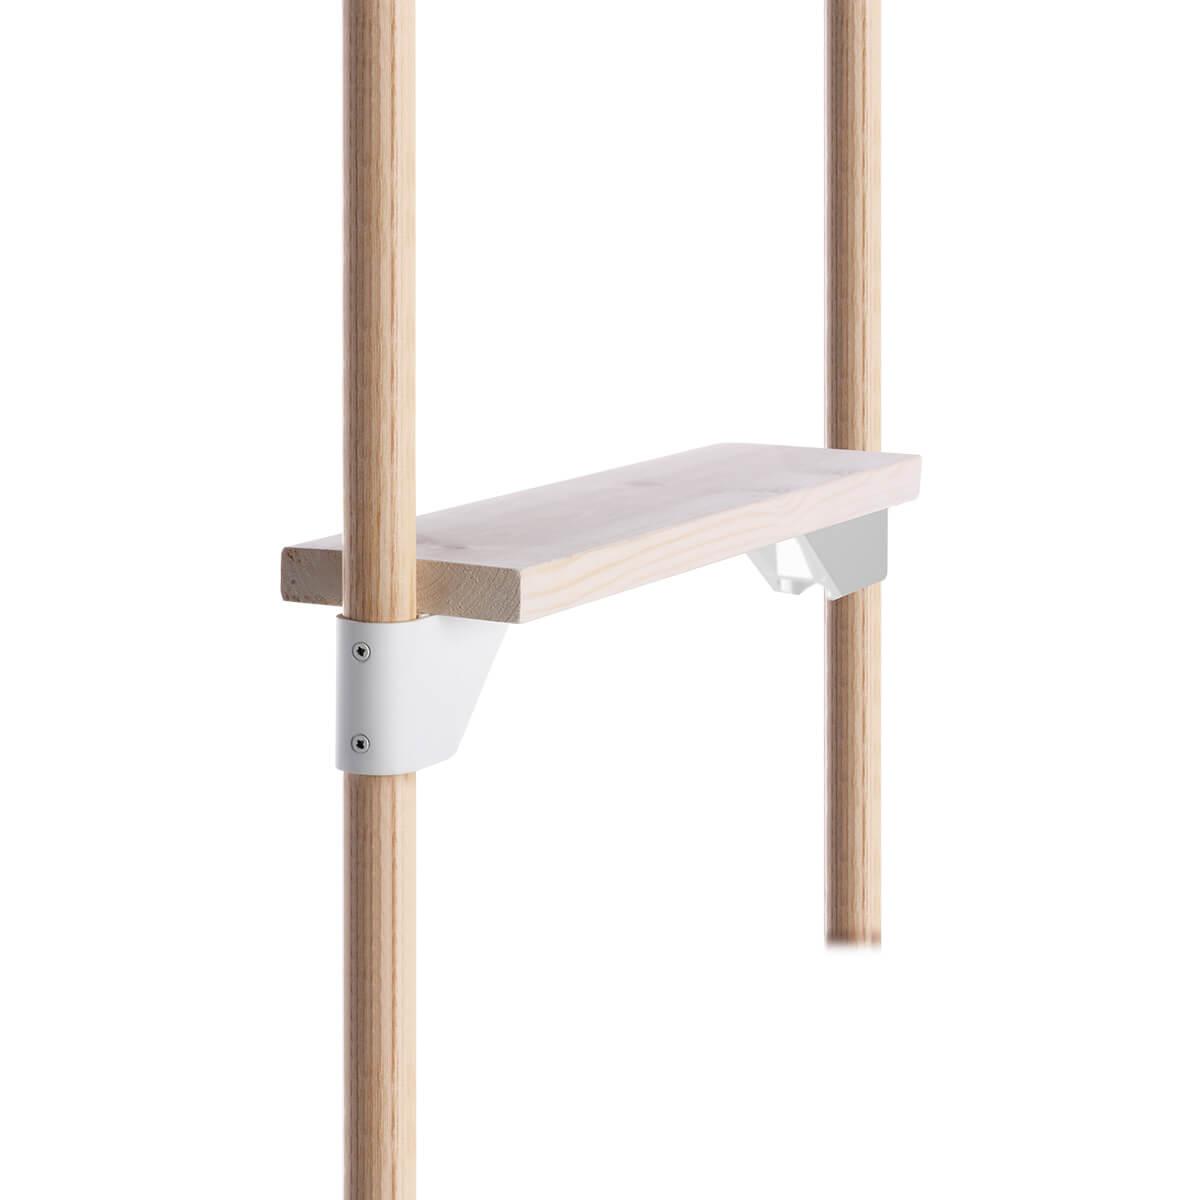 シェルフブラケット KINOBO用棚受 ホワイト Φ24 1セット